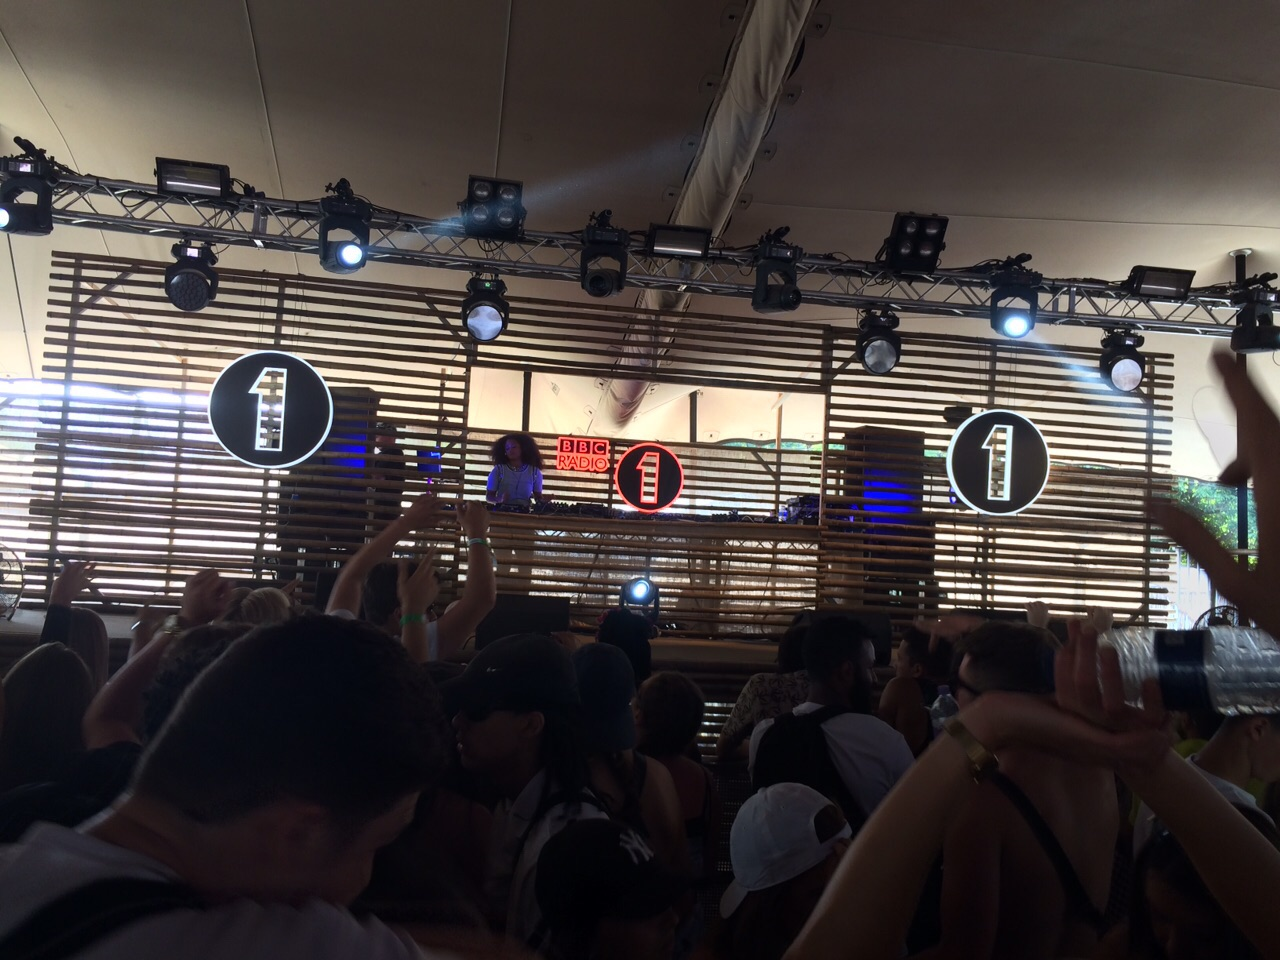 Le podium de BBC Radio 1, la station jeune de la BBC, au Lovebox Festival samedi dernier à Londres - Photo © Olivier Oddou